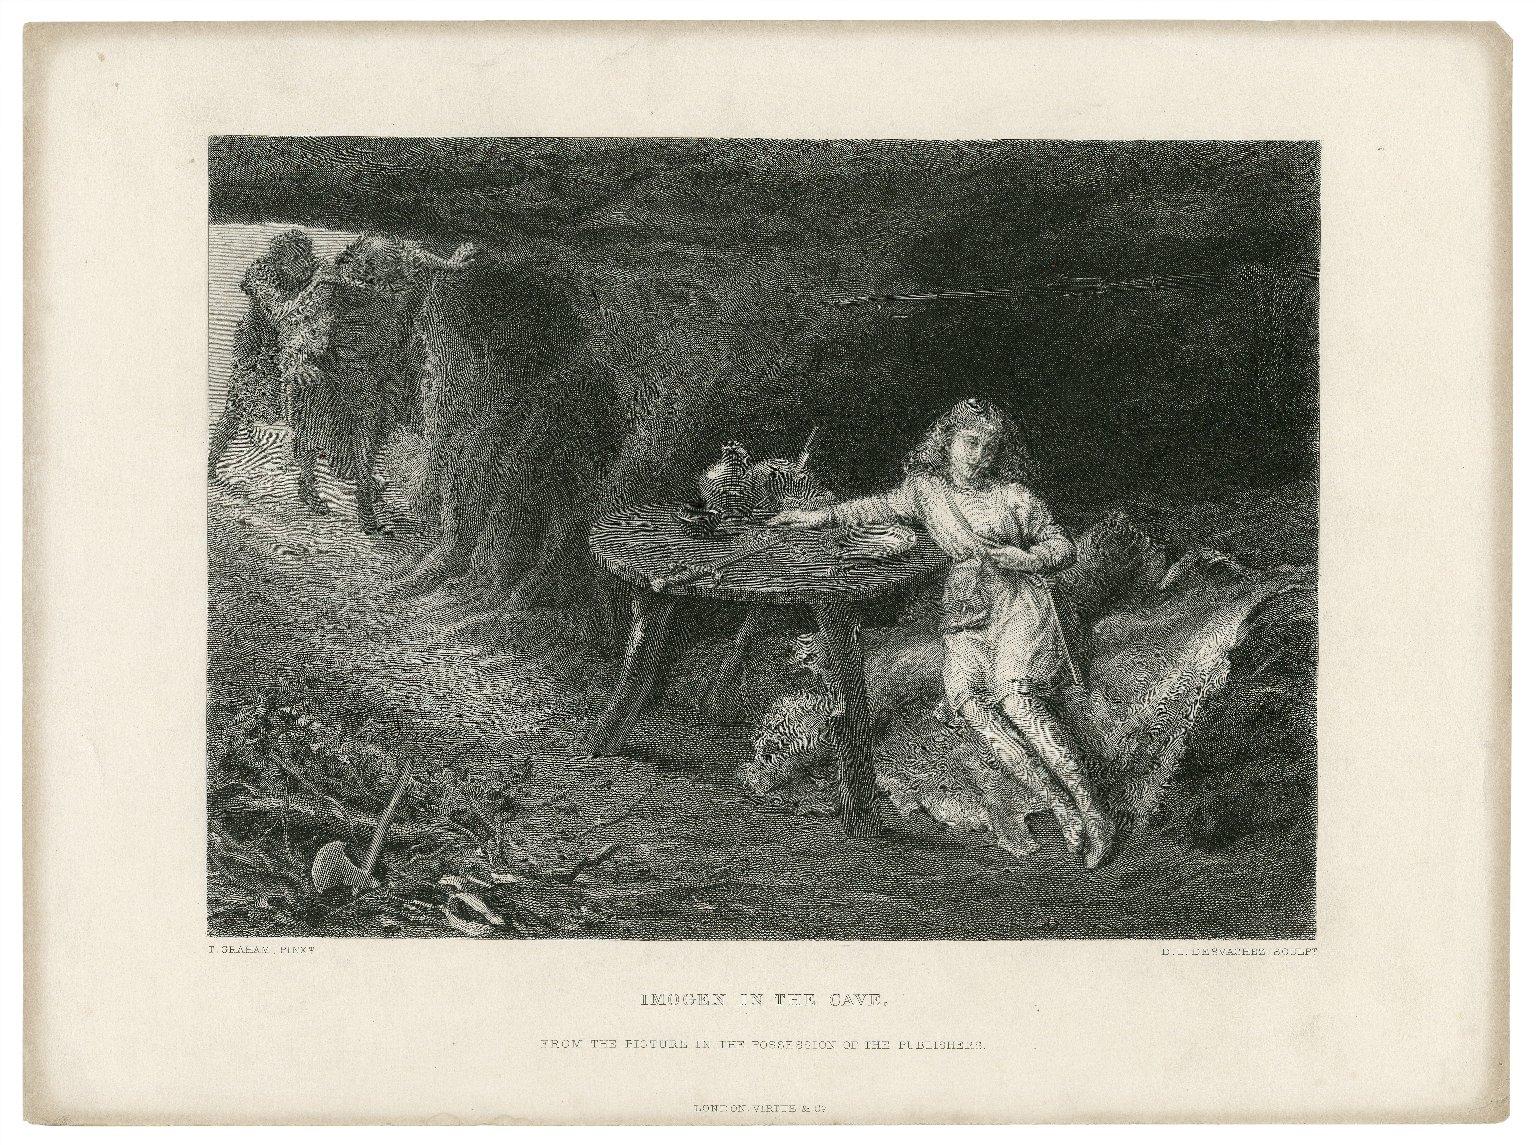 Imogen in the cave ... [Cymbeline, act III, scene 6] [graphic] / T. Graham, pinxt. ; D.I. Desvachez, sculpt.